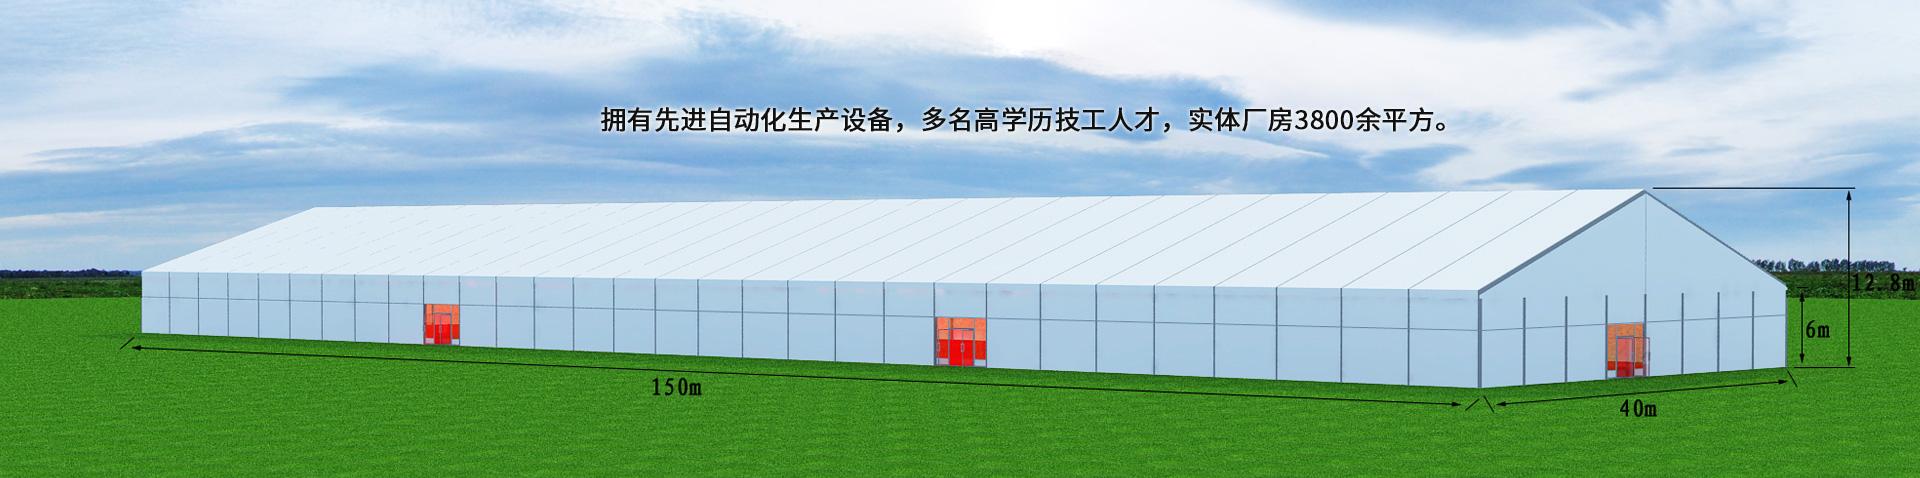 拥有先进自动化生产设备,多名高学历技工人才,实体厂房3800余平方。